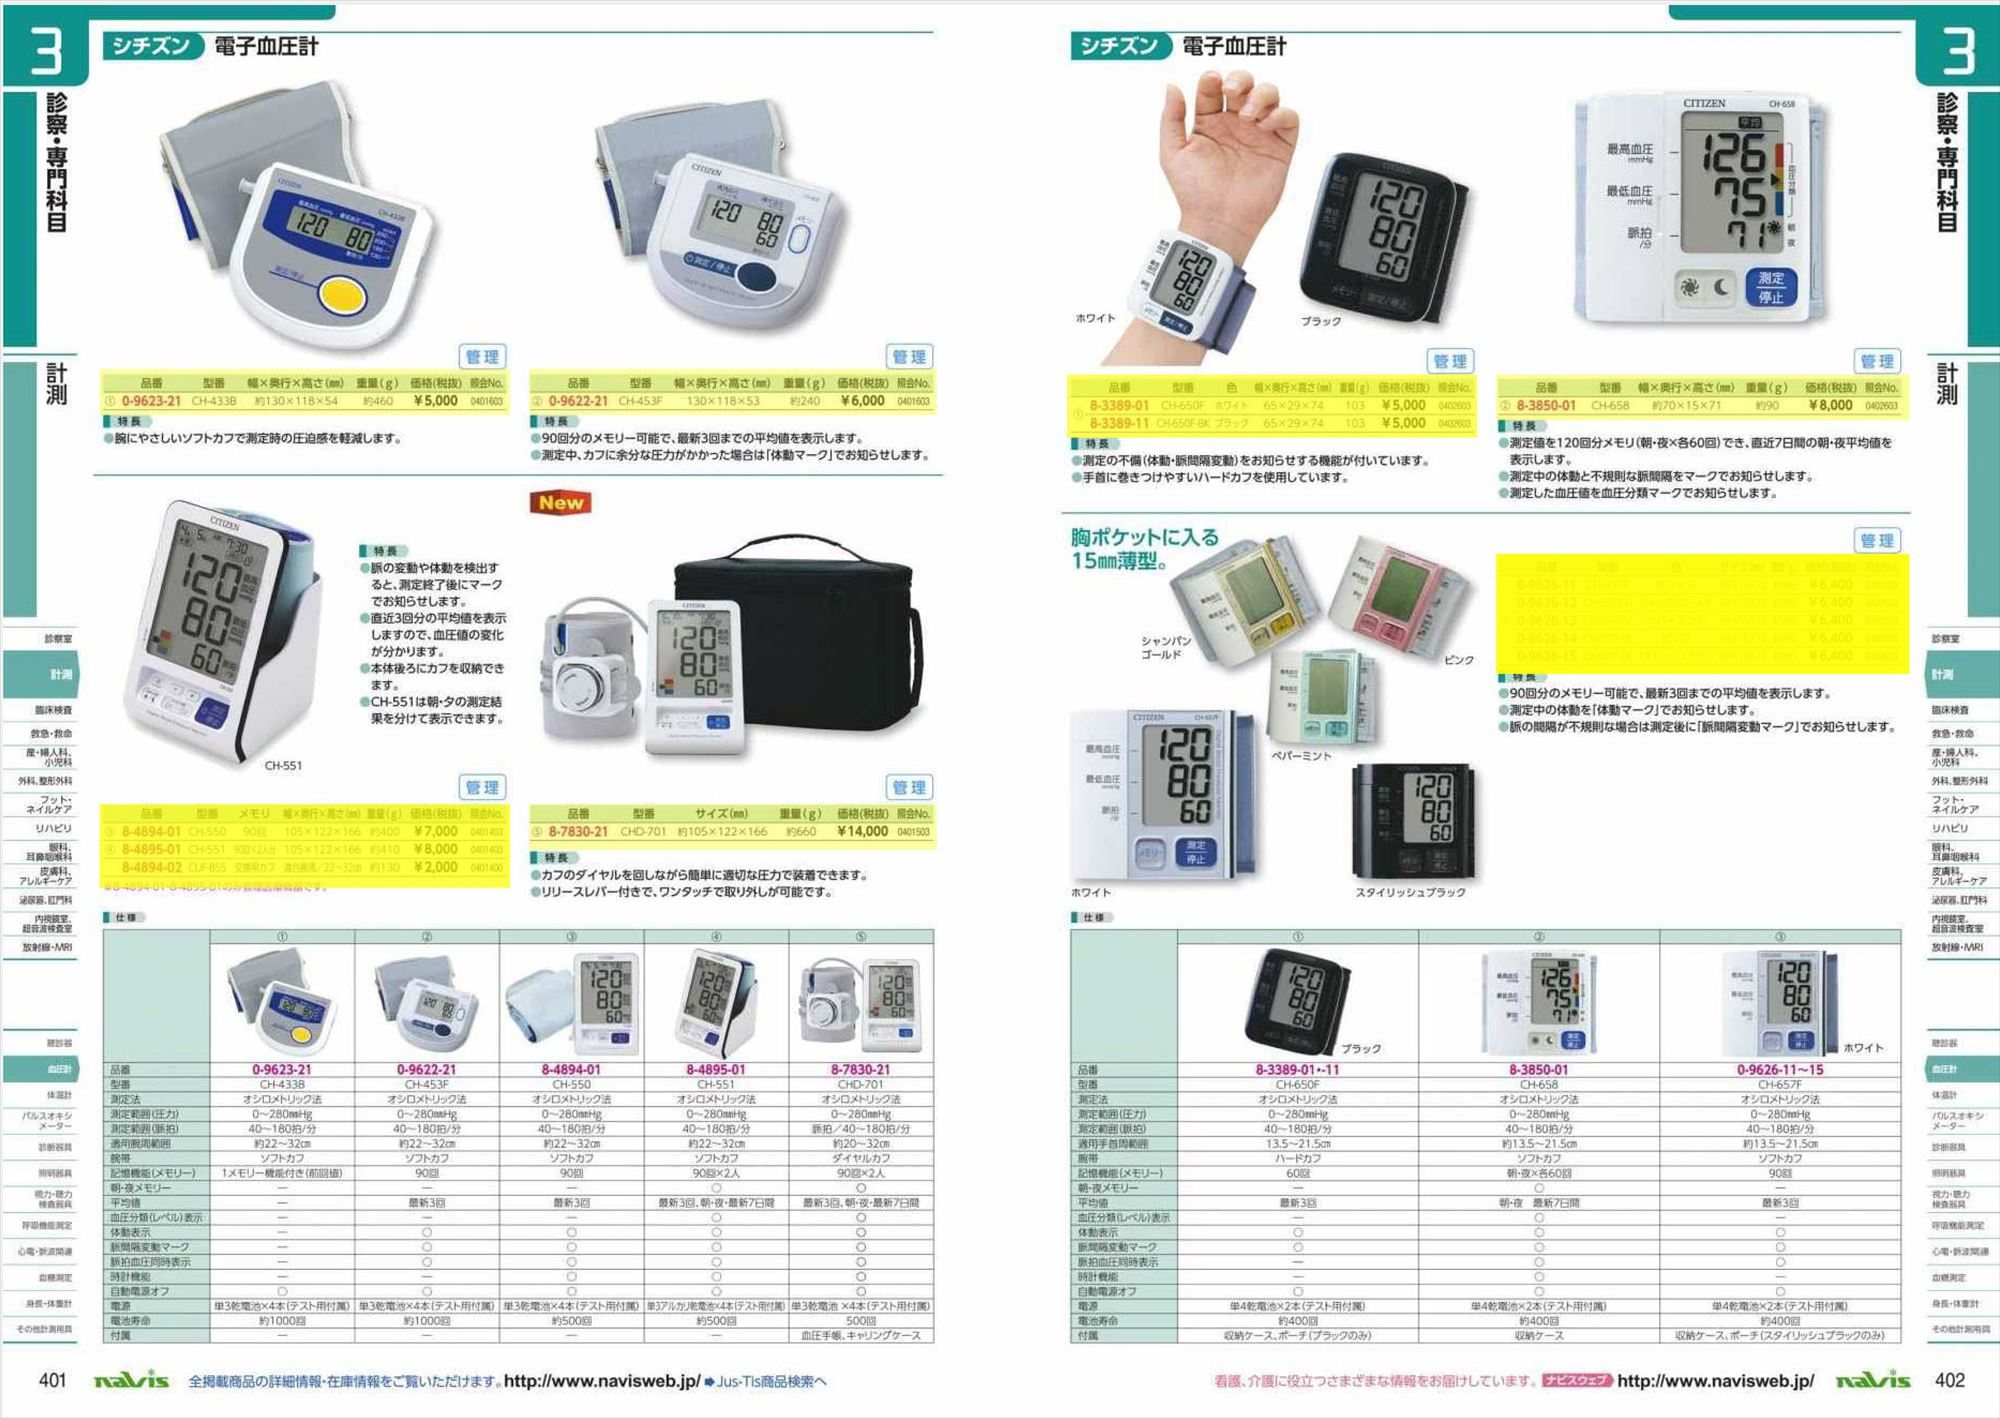 ナビス30000 0-9623-21 電子血圧計 CH−433B デンシケツアツケイCH-433B N8037567 [個]